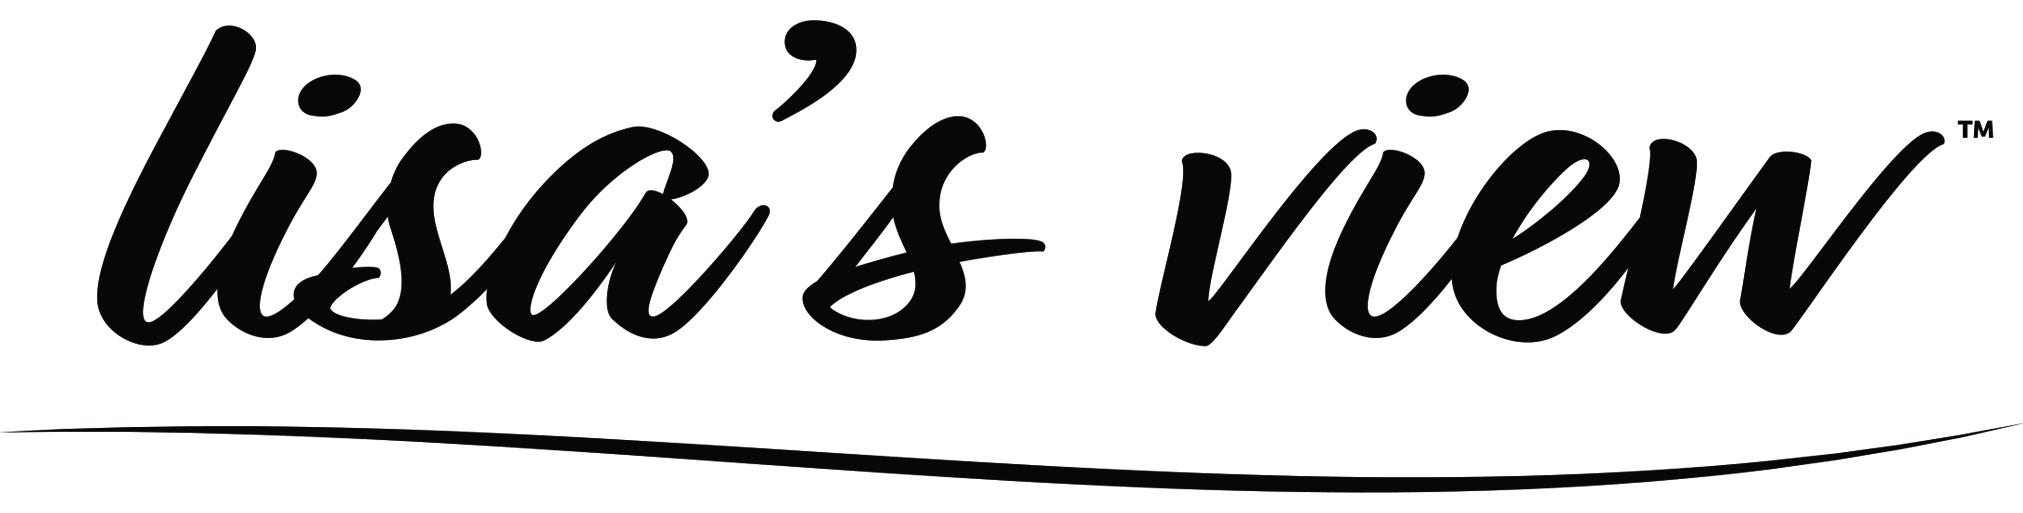 LisaView_Logo3.jpg